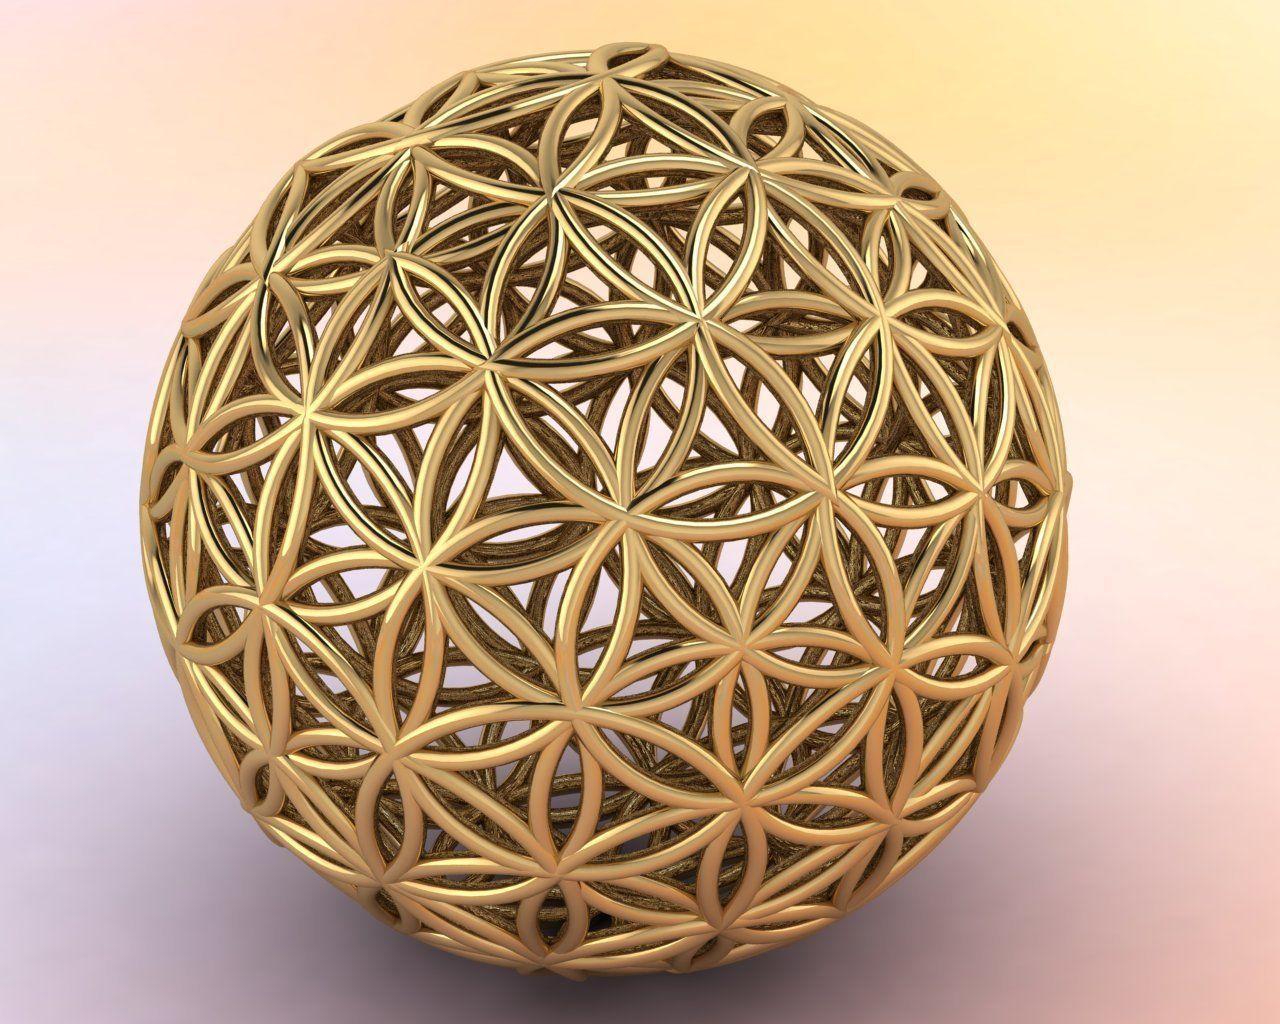 Flower of Life  18mm sphere